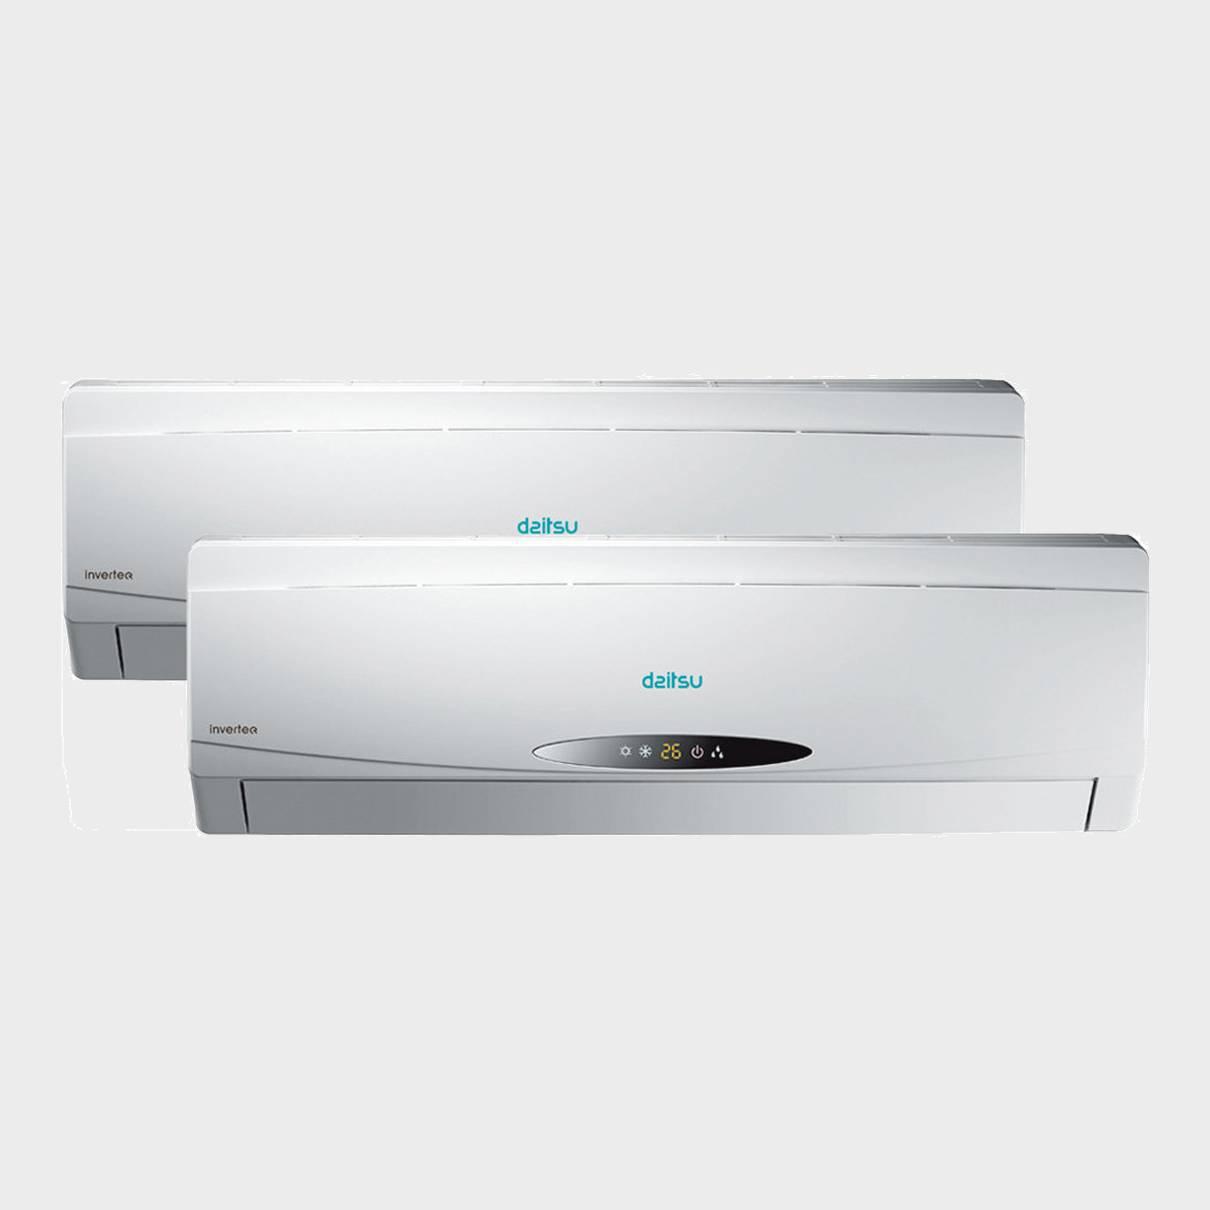 Aire acondicionado 2x1 daitsu asd9ui2dn dosm18uidn for Aire acondicionado 2x1